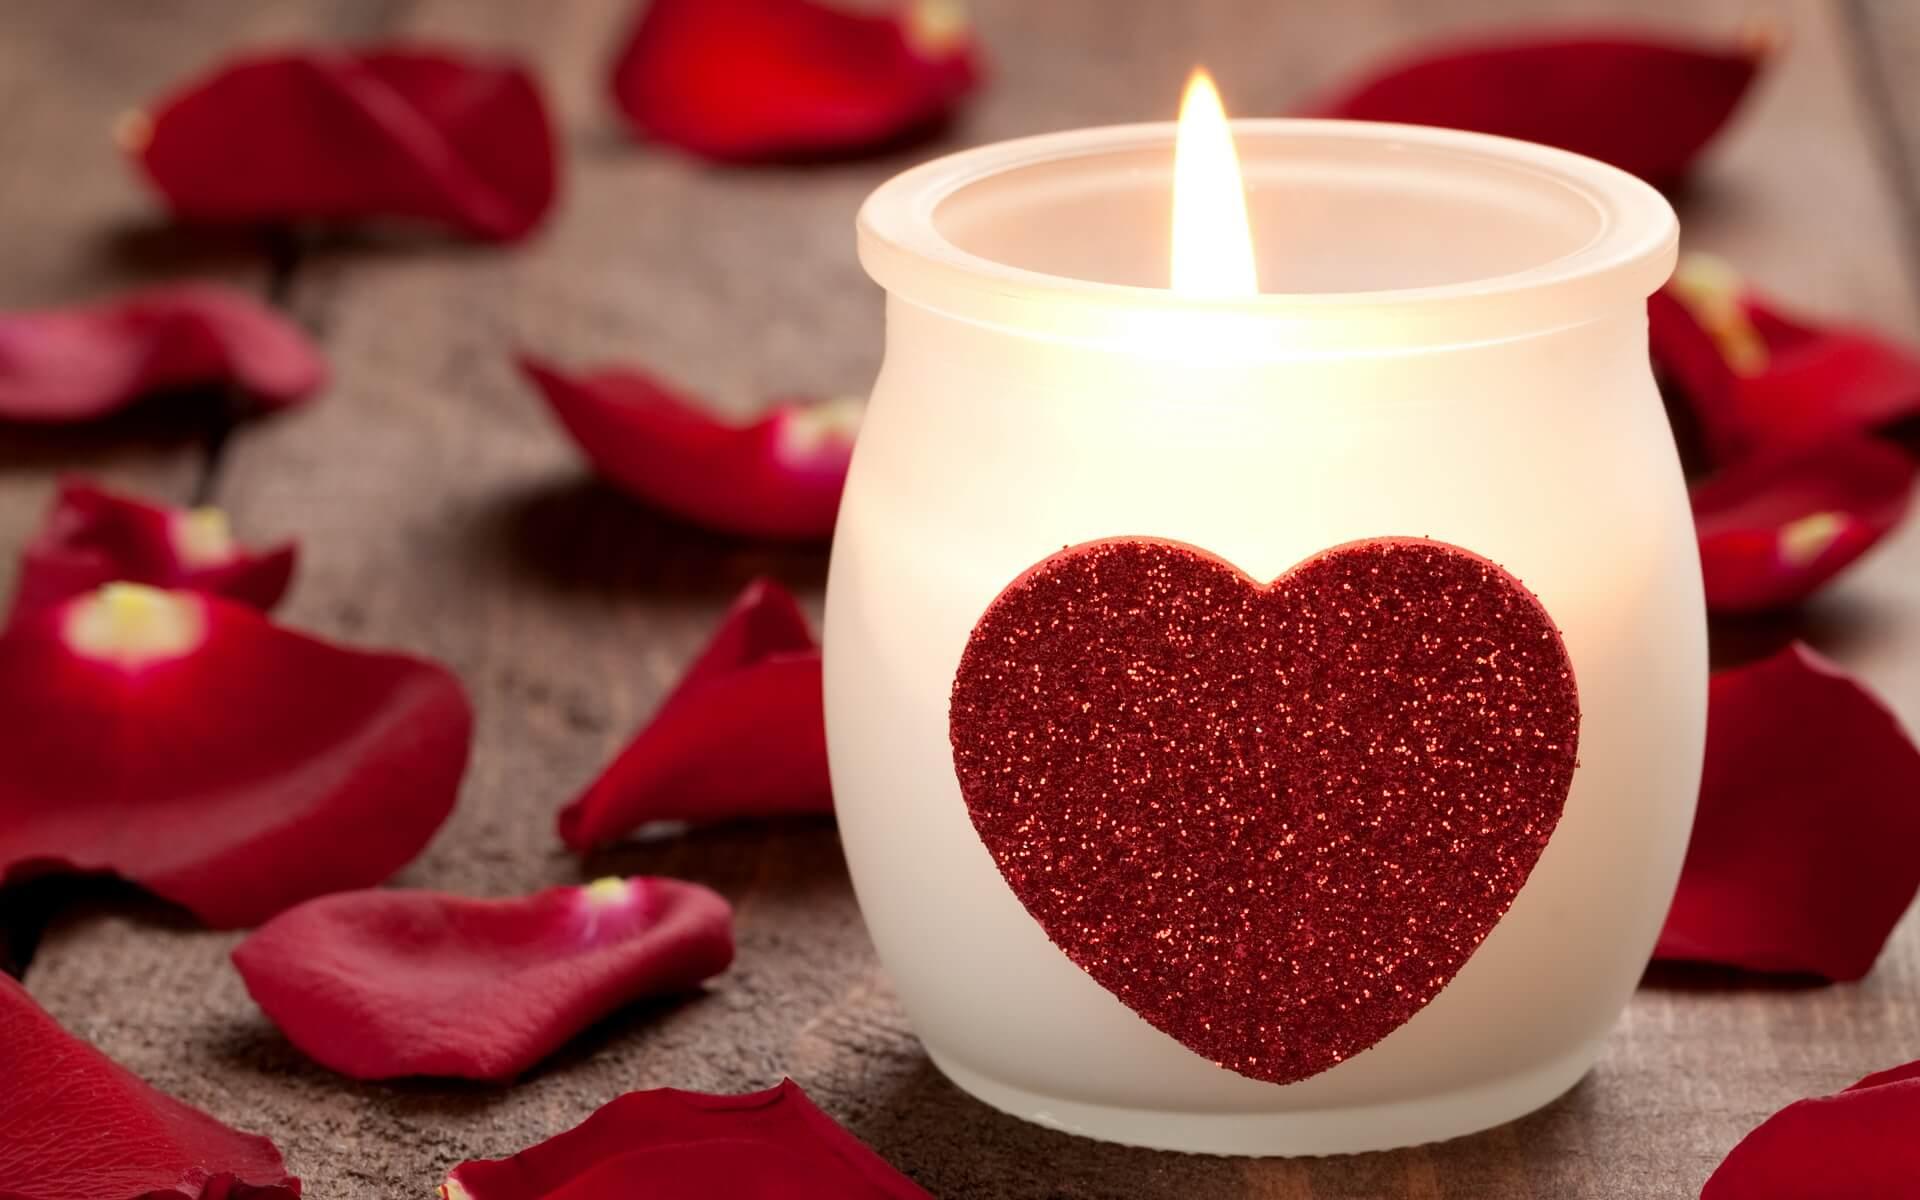 Милые и романтические картинки для любимой - скачать (20 фото) 6